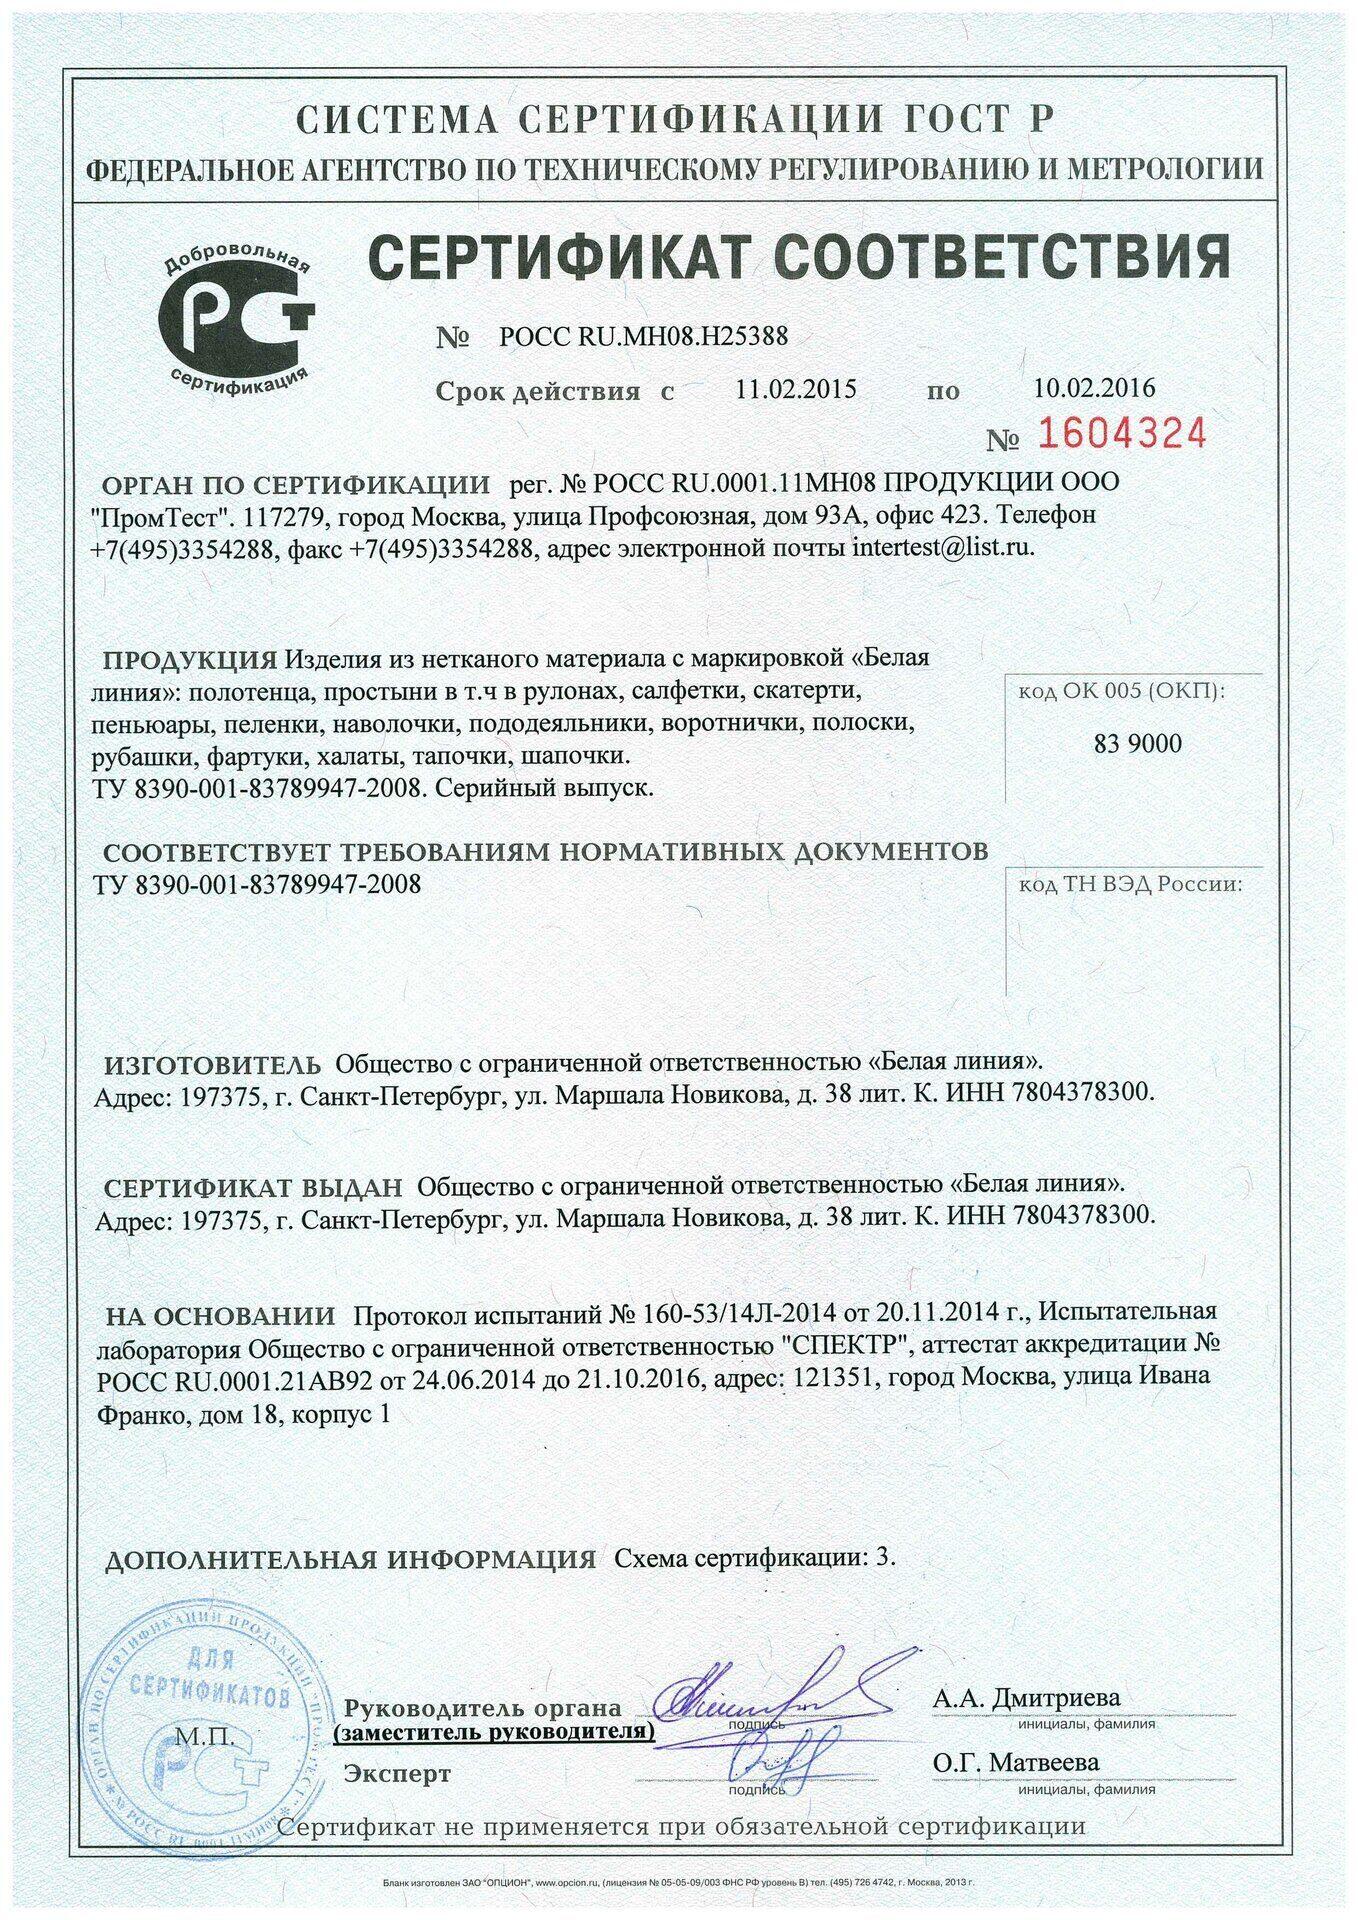 Сертификация на продукцию hartmann сертификация кондитерских изделий в украине